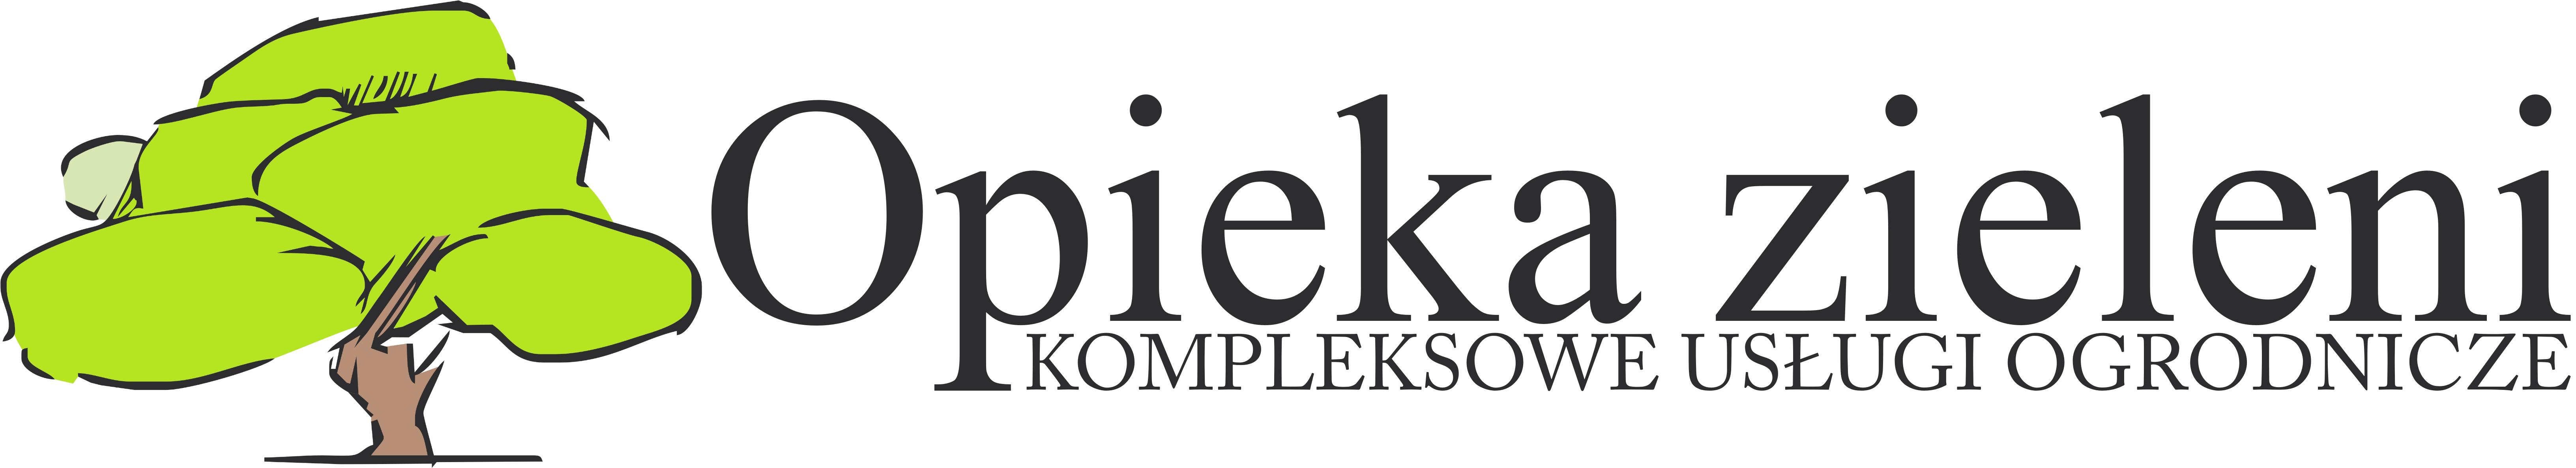 Logotyp - opieka zieleni